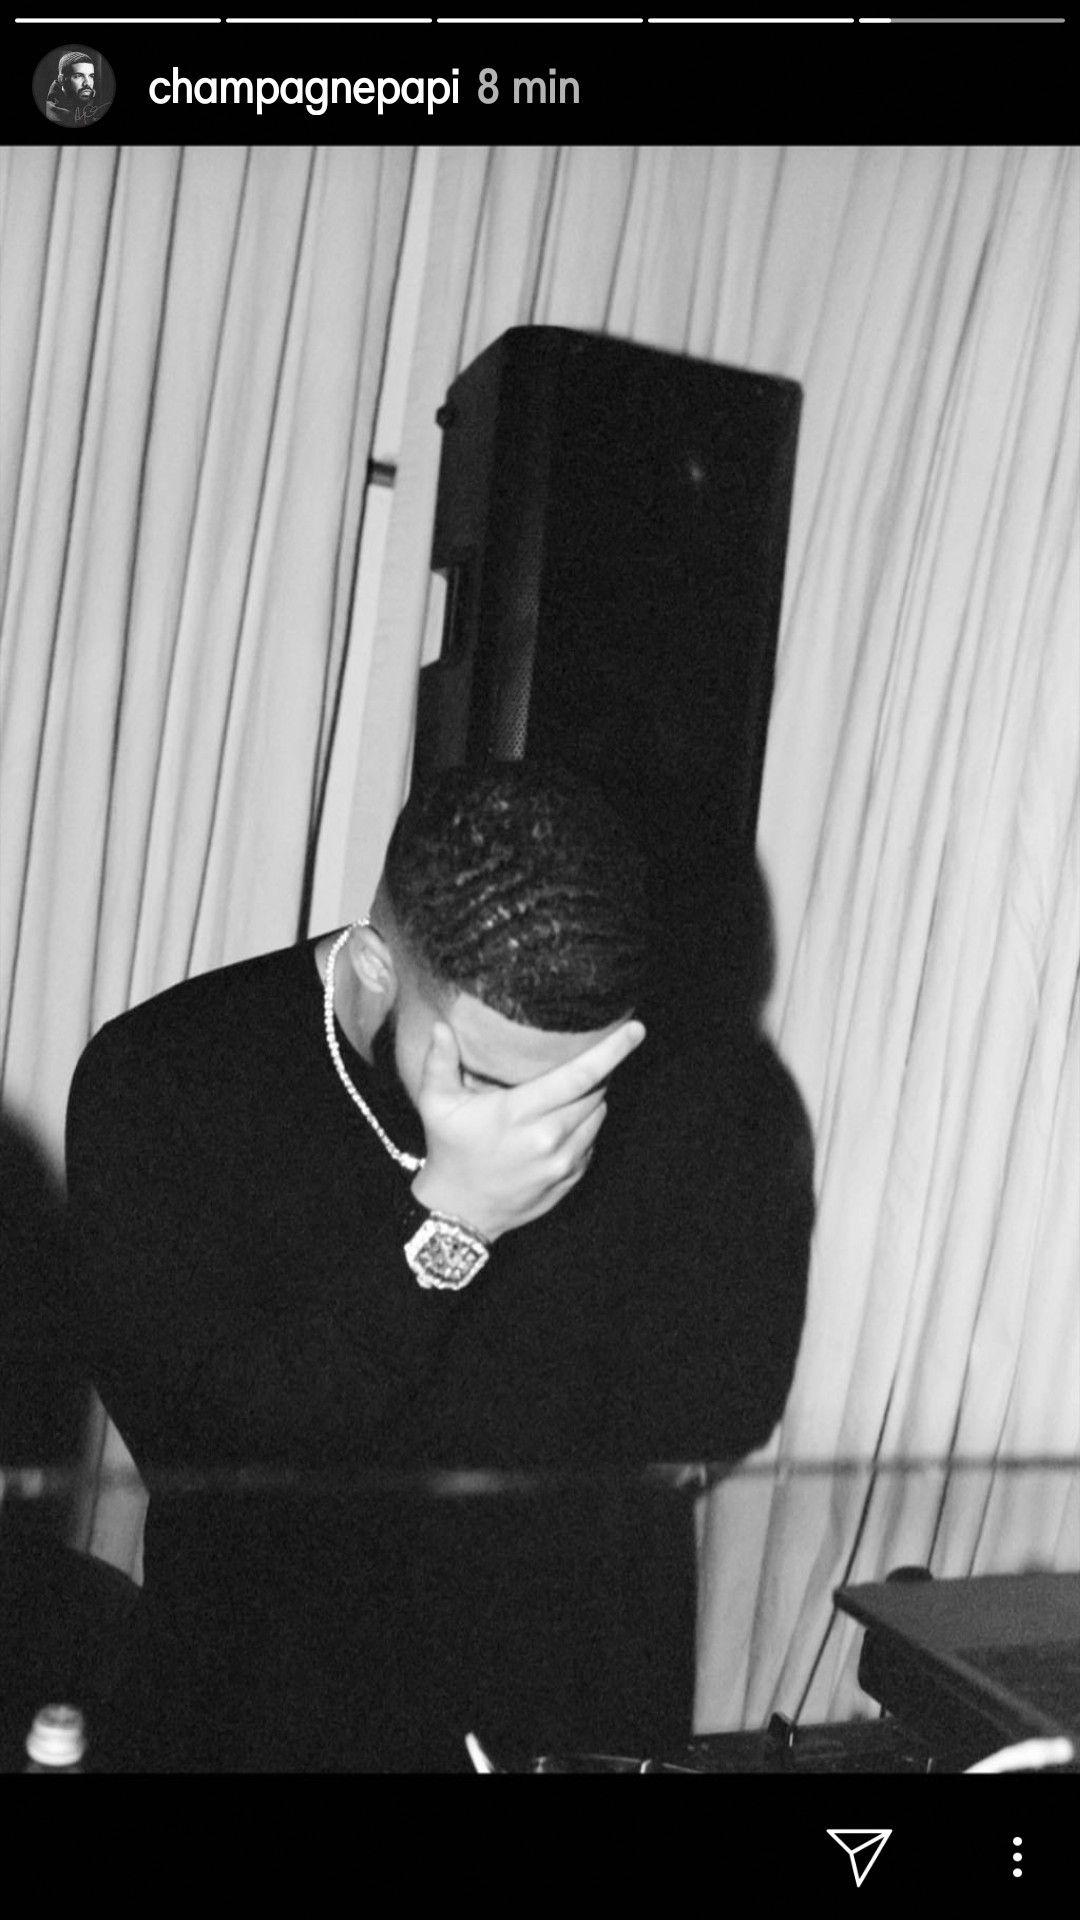 Pin by Brielle Baby 😍 on Papí Drake drizzy, Drake, Drake